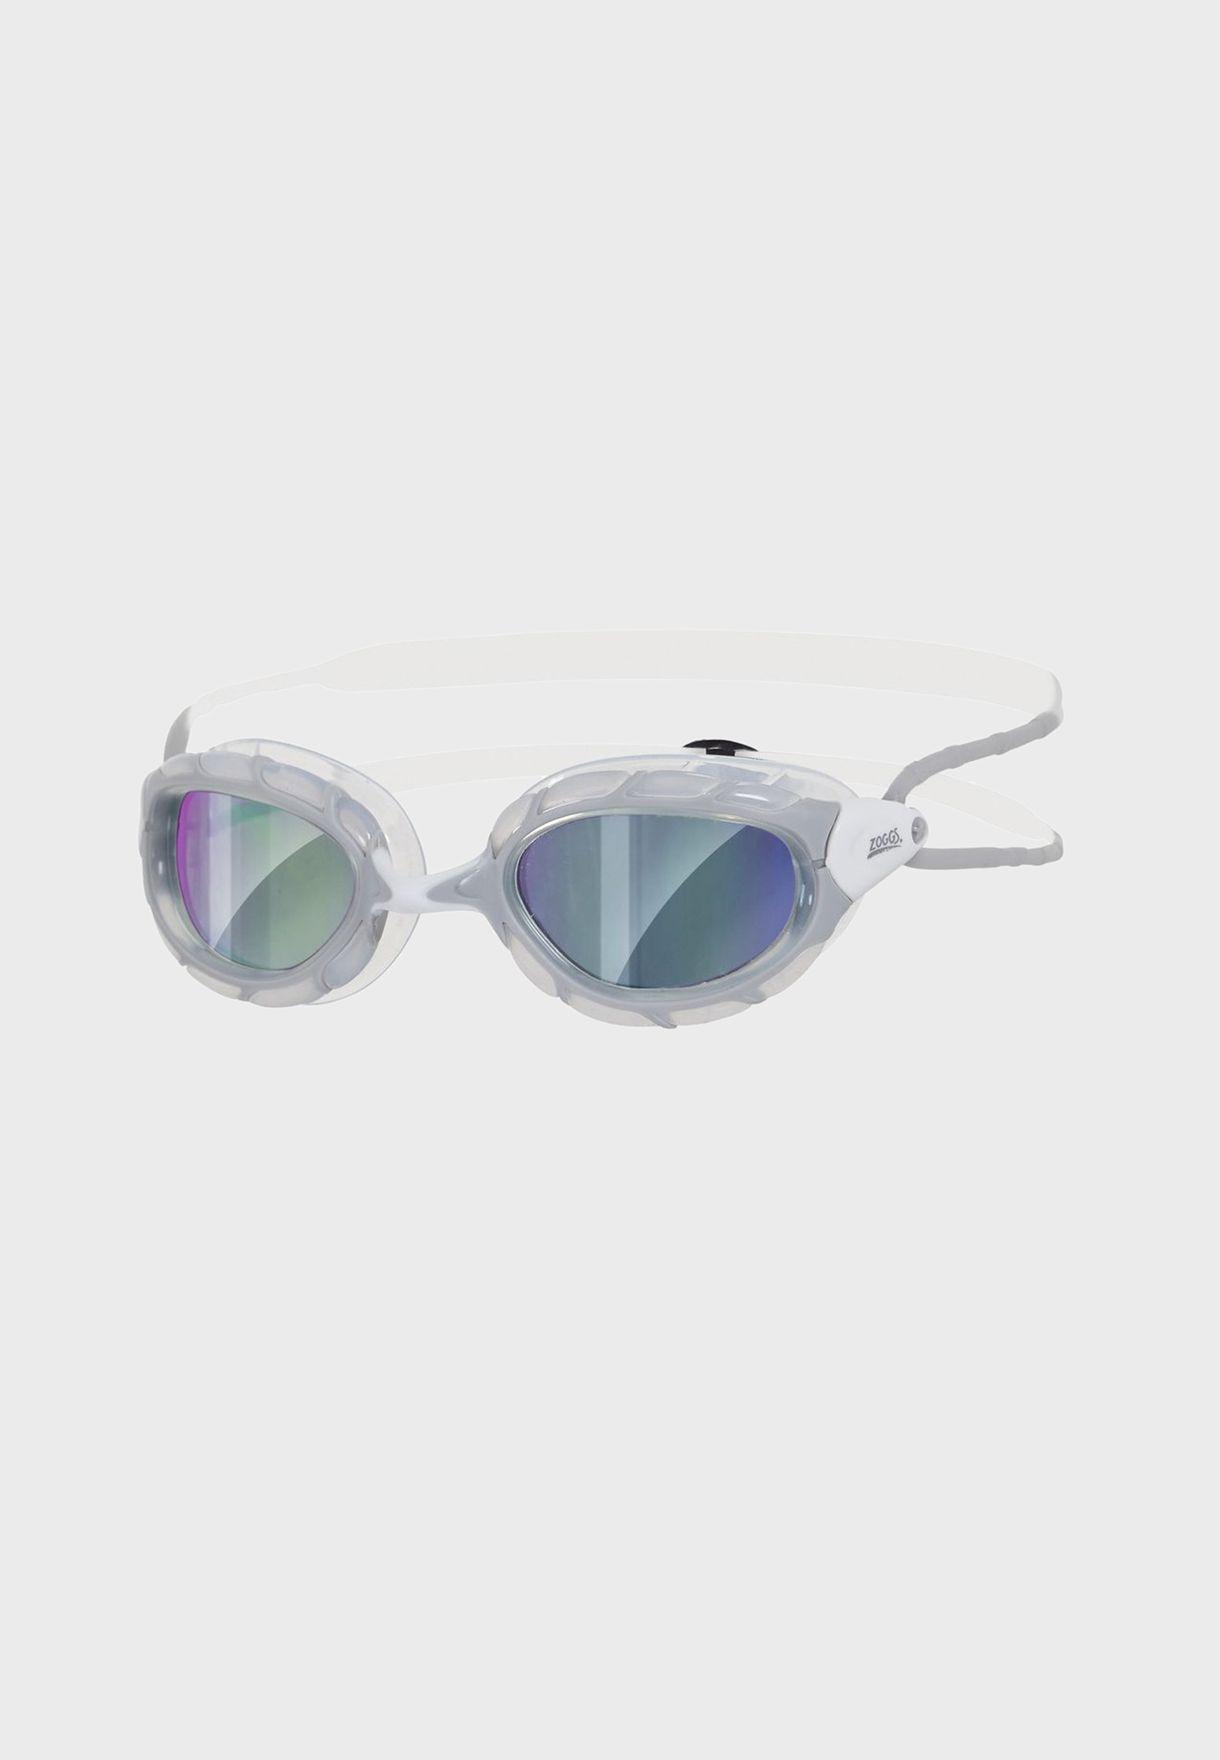 Predator Mirror Swimming Goggles